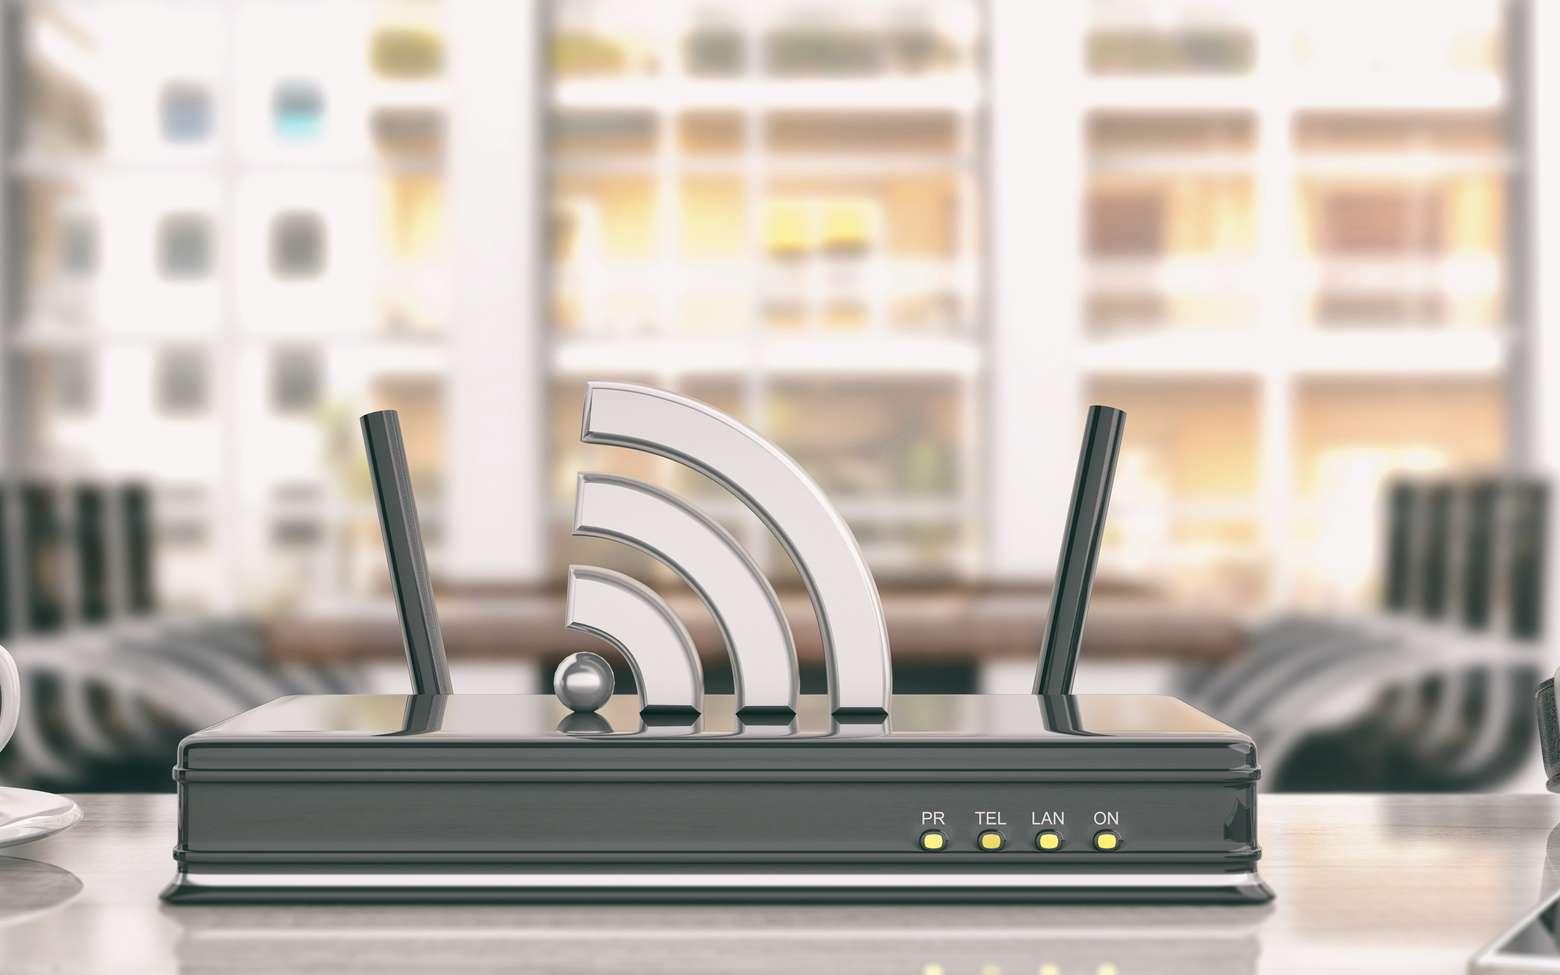 Dans un réseau électronique, le routeur est un appareil qui prend notamment en charge le routage des paquets de données transmis sur le réseau. © Rawf8, fotolia